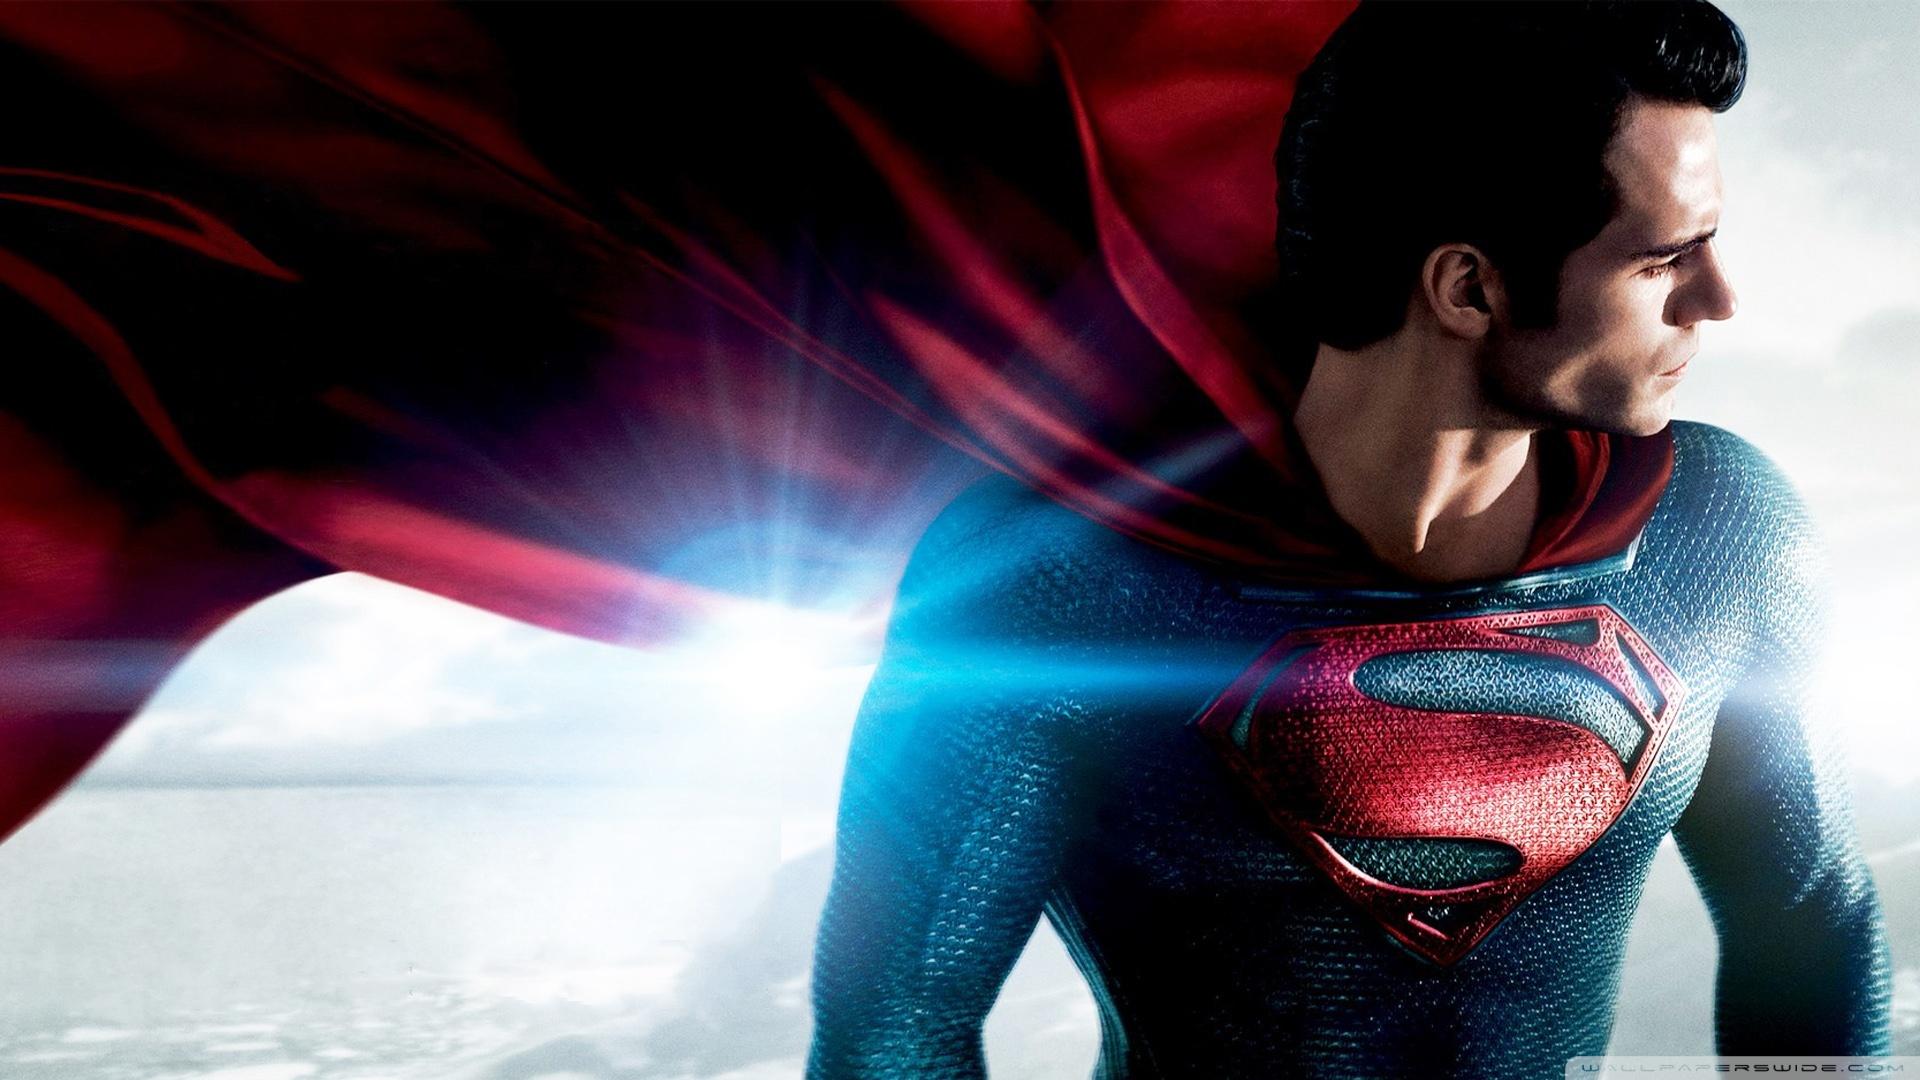 SUPERMAN DESTROYED